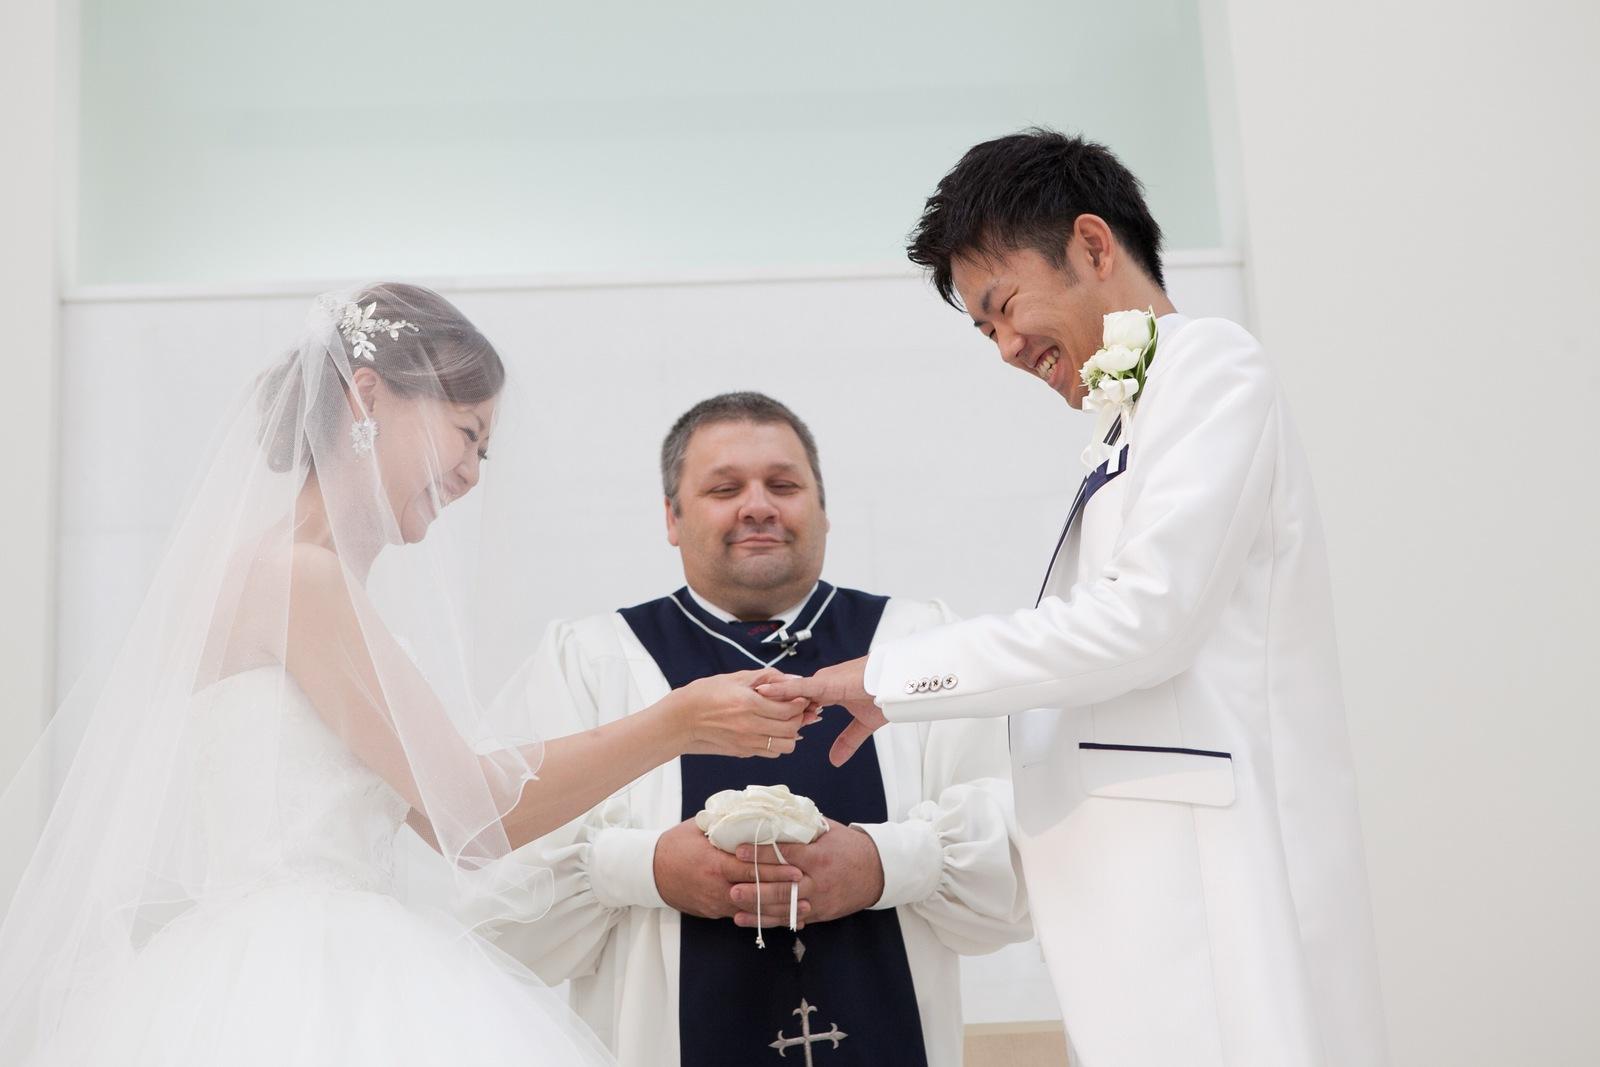 徳島市の結婚式場ブランアンジュでチャペル内での誓いの瞬間